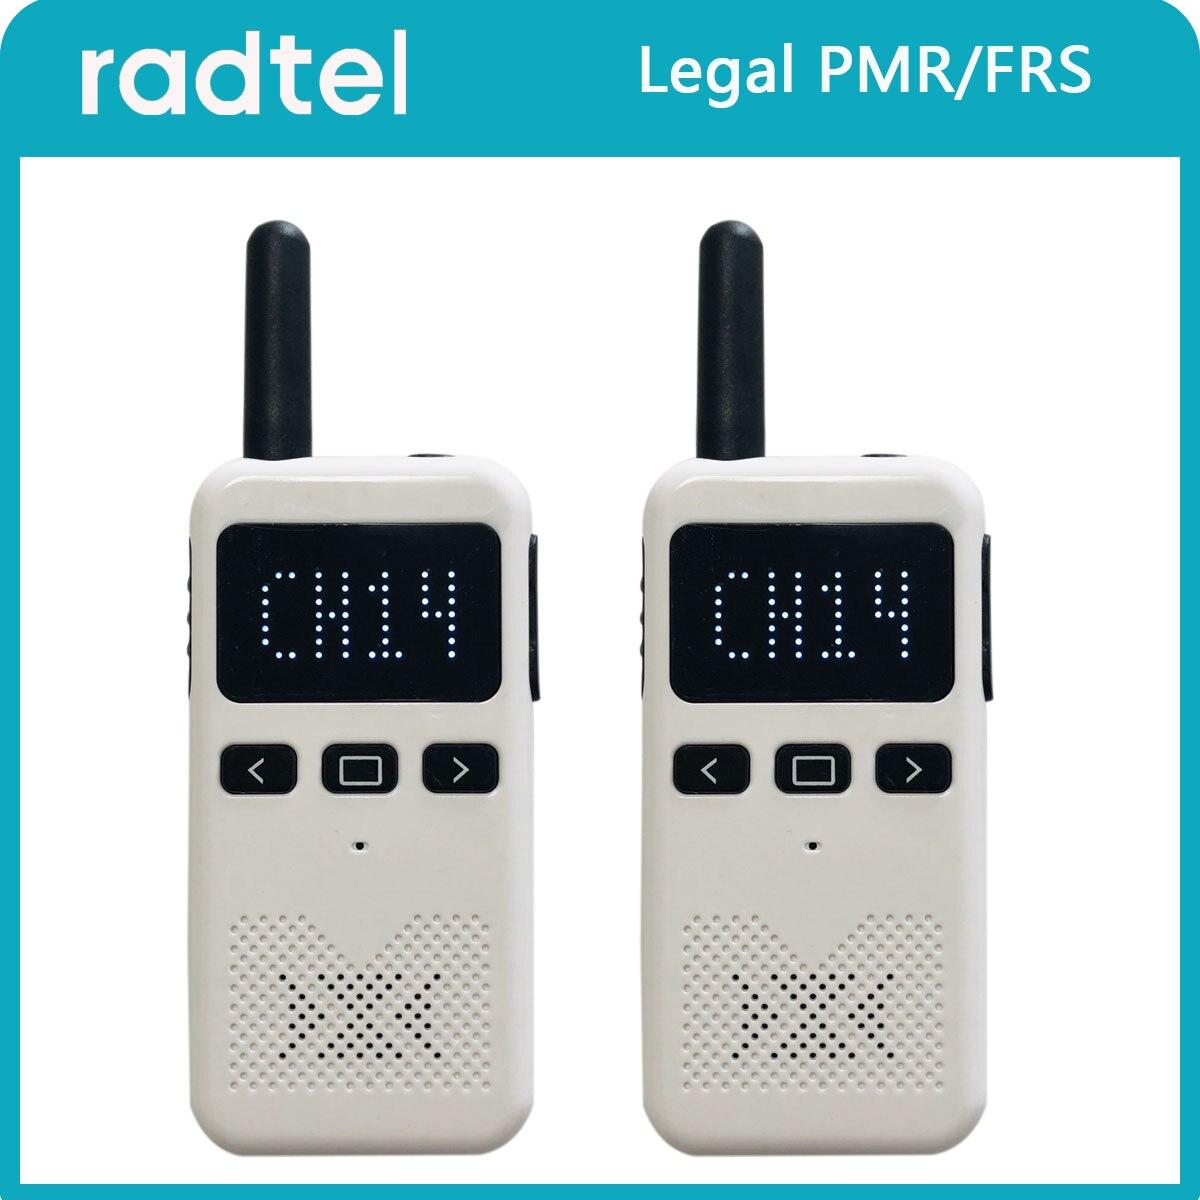 Radtel KD-C70 Walkie Talkie Pmr 446 FRS Two Way Radio Mini USB Type C Phone Walkie-Talkies 1 or 2 pcs Portable radio PTT Hotel